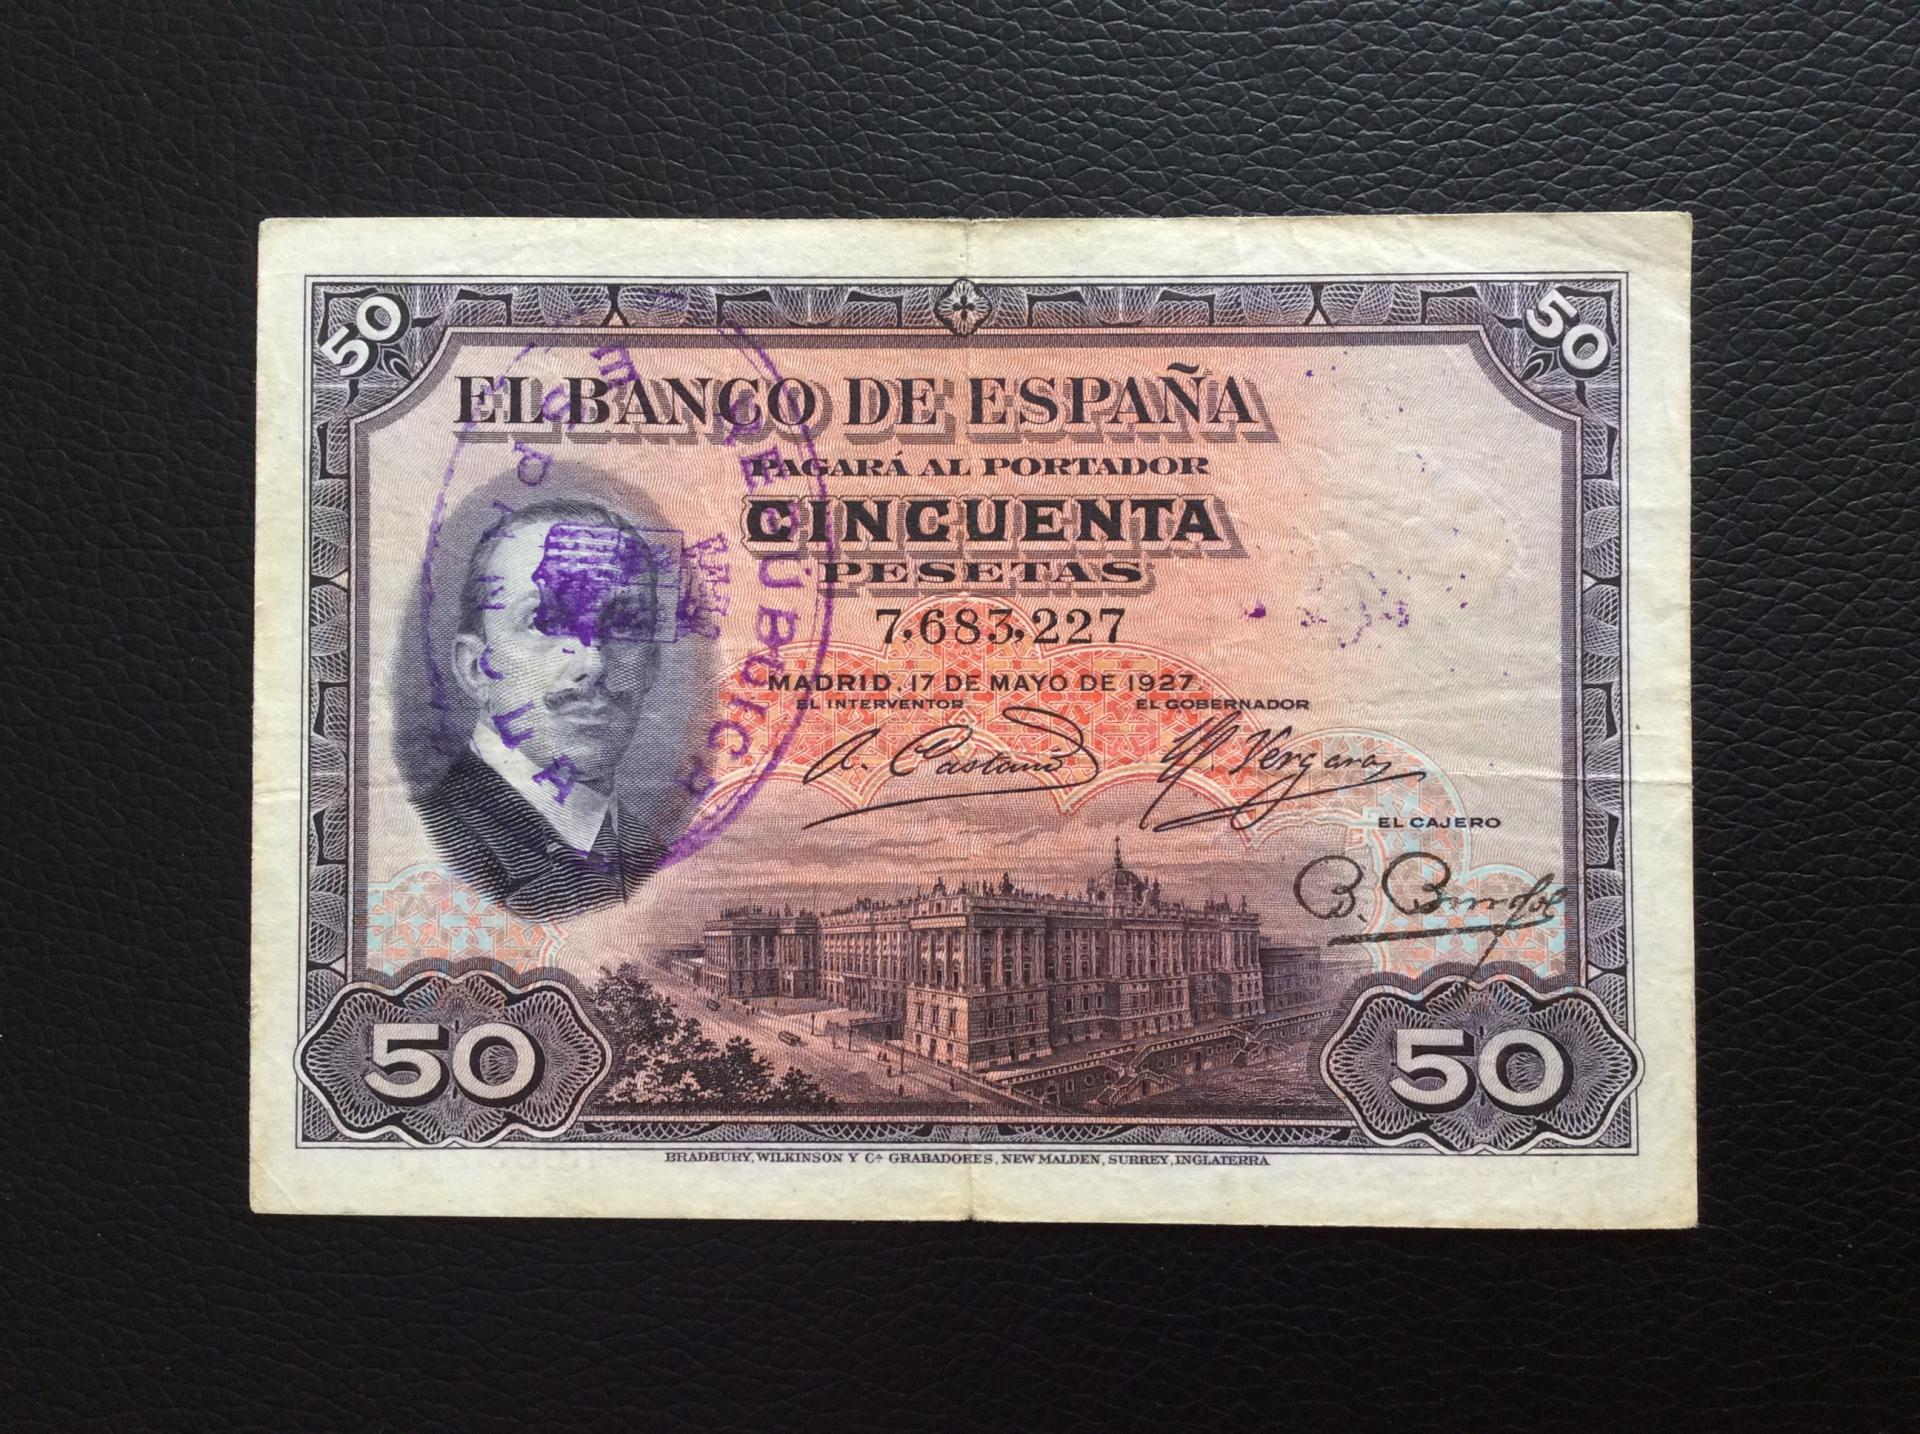 50 PESETAS 1927 - ALFONSO XIII - RESELLADO POSTERIORMENTE CON SELLO DE LA REPUBLICA